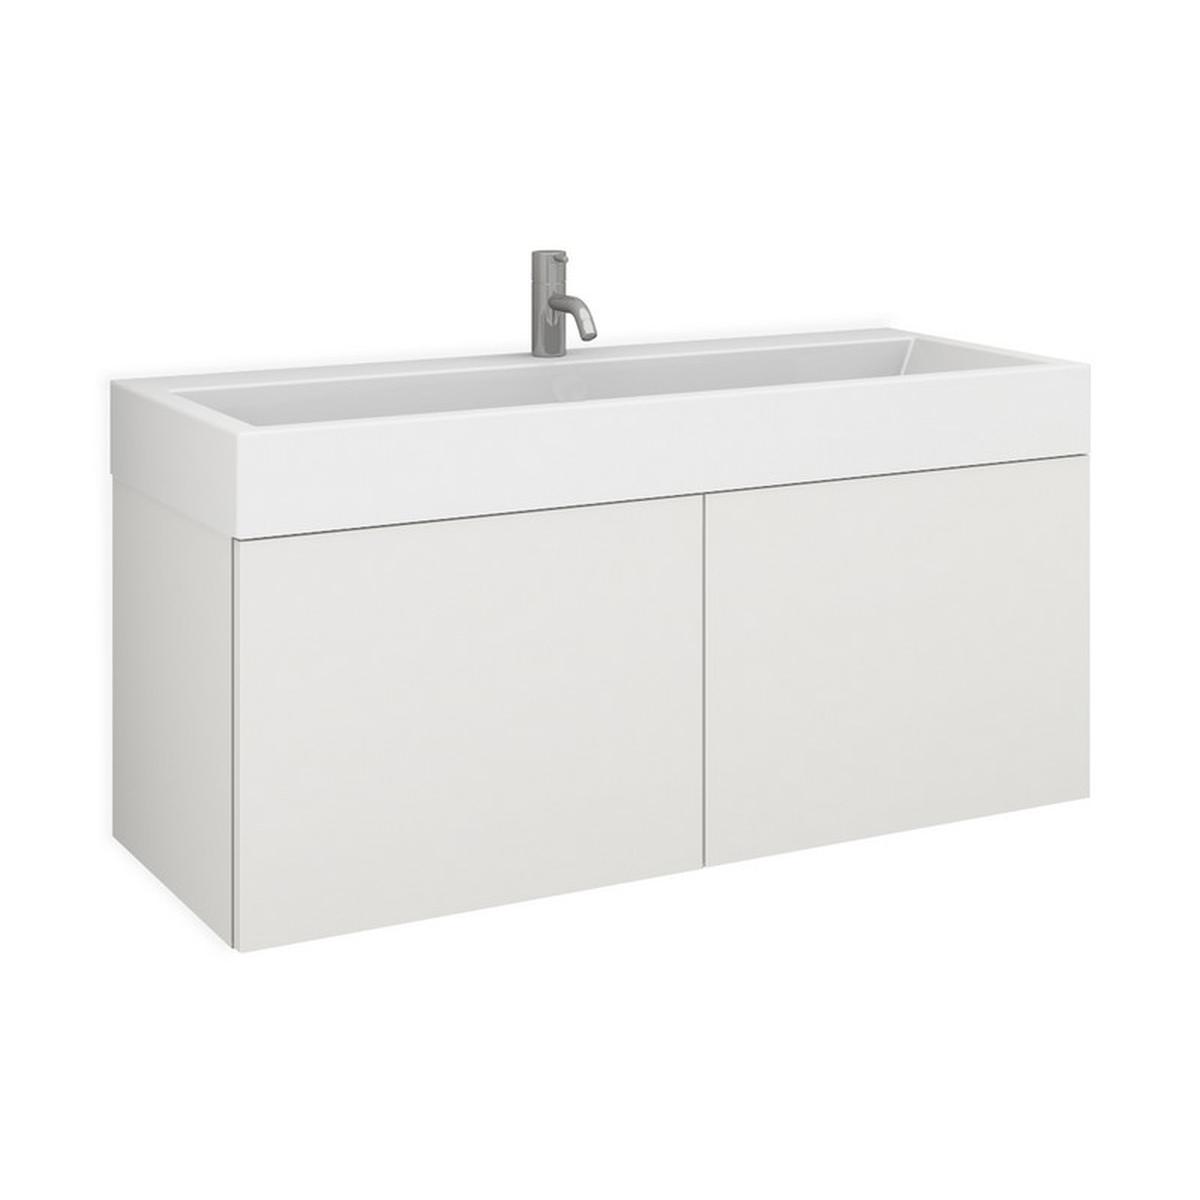 ballena 100 waschtisch set nach ma mit 2 t ren. Black Bedroom Furniture Sets. Home Design Ideas